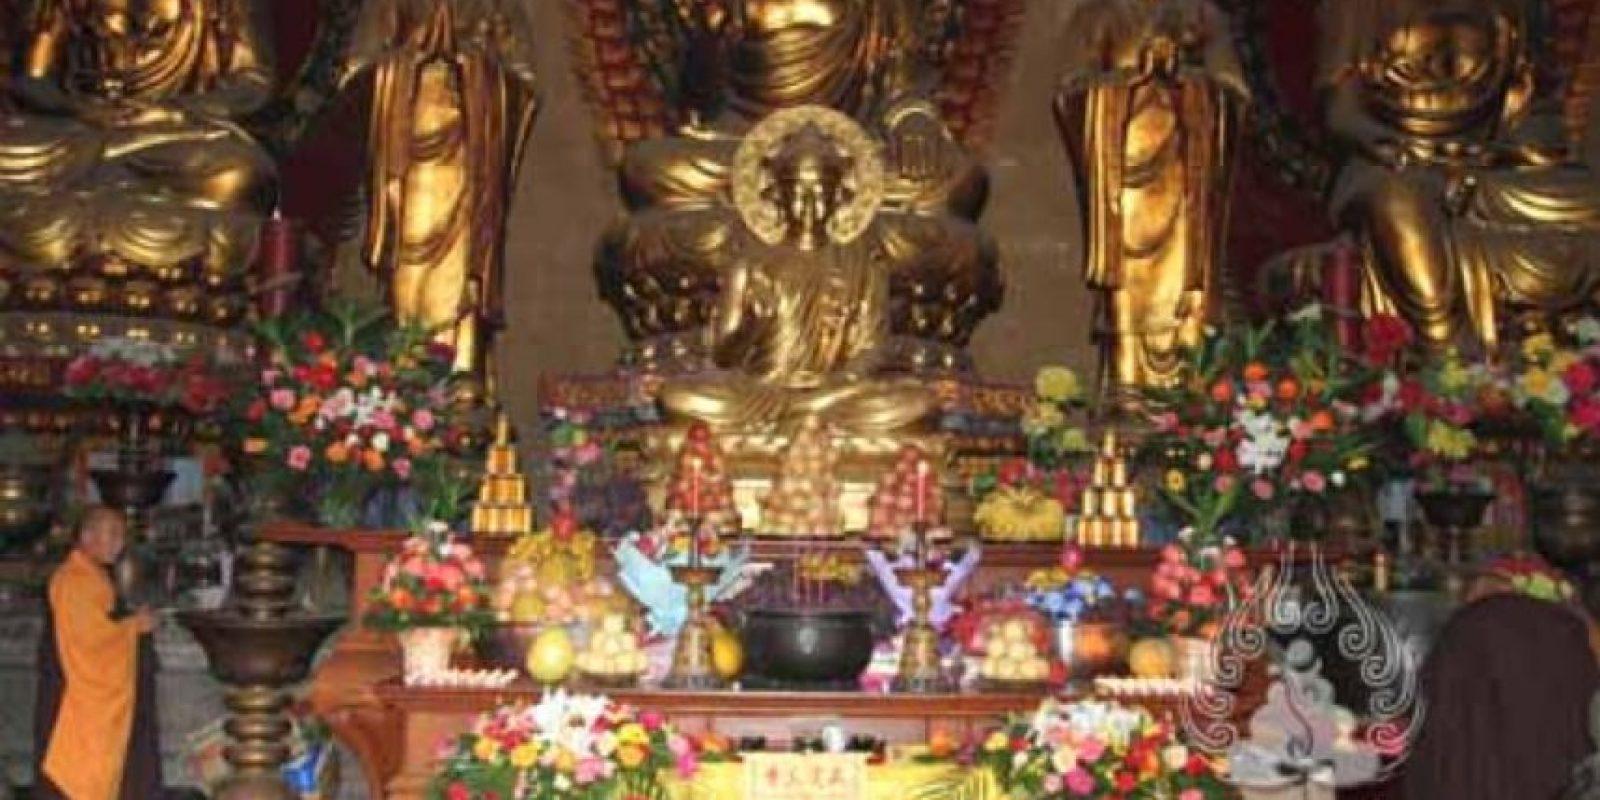 El monasterio fue inscrito como Patrimonio de la Humanidad el 31 de julio de 2010 Foto:Vía shaolin.org.cn